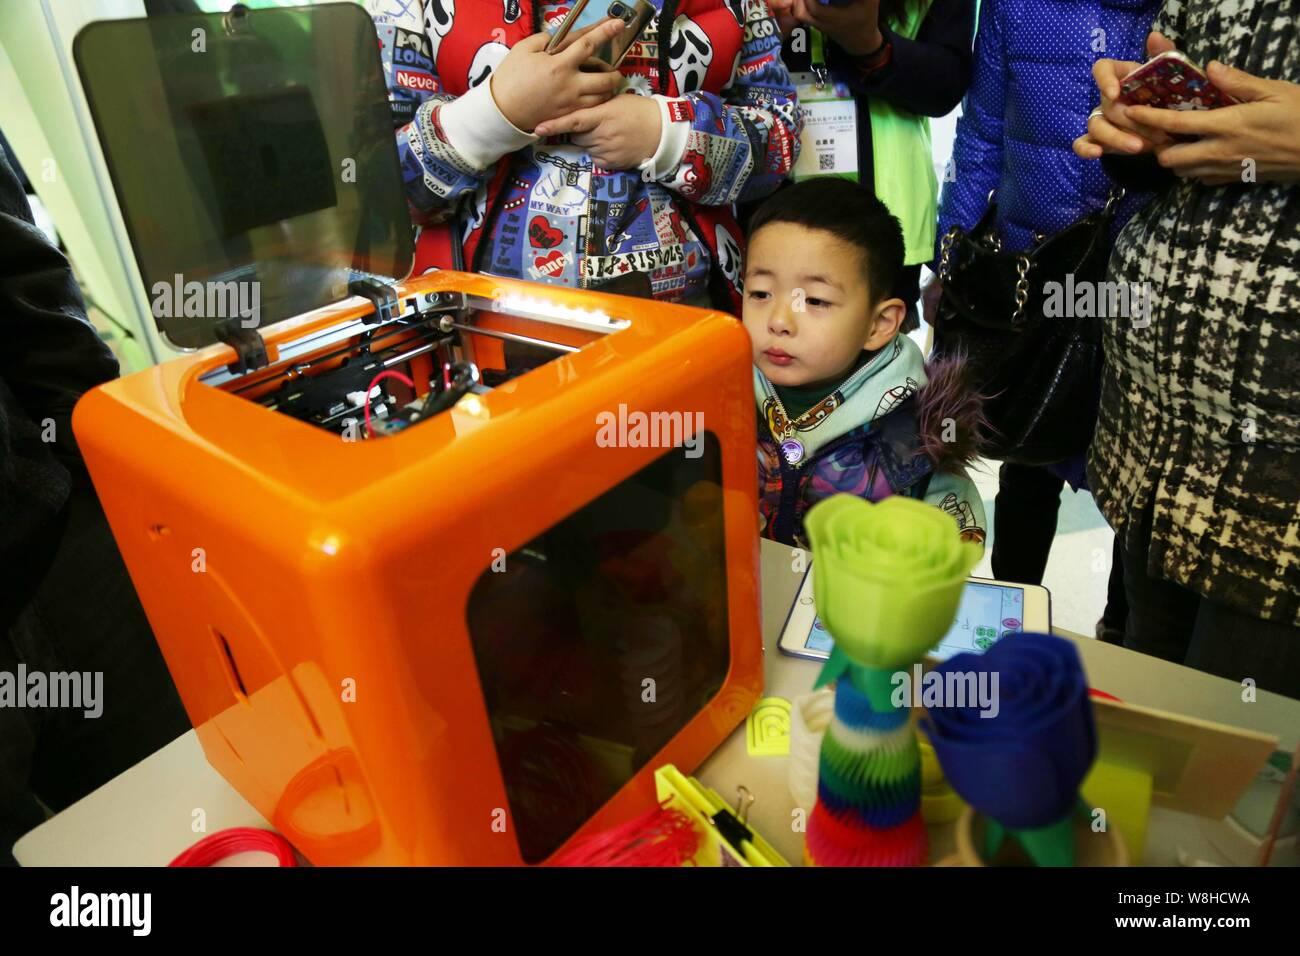 --FILE -- un joven visitante busca una impresora 3D durante una exposición en Shanghai, China, 27 de noviembre de 2015. Envío de las impresoras 3D de la marca china Foto de stock